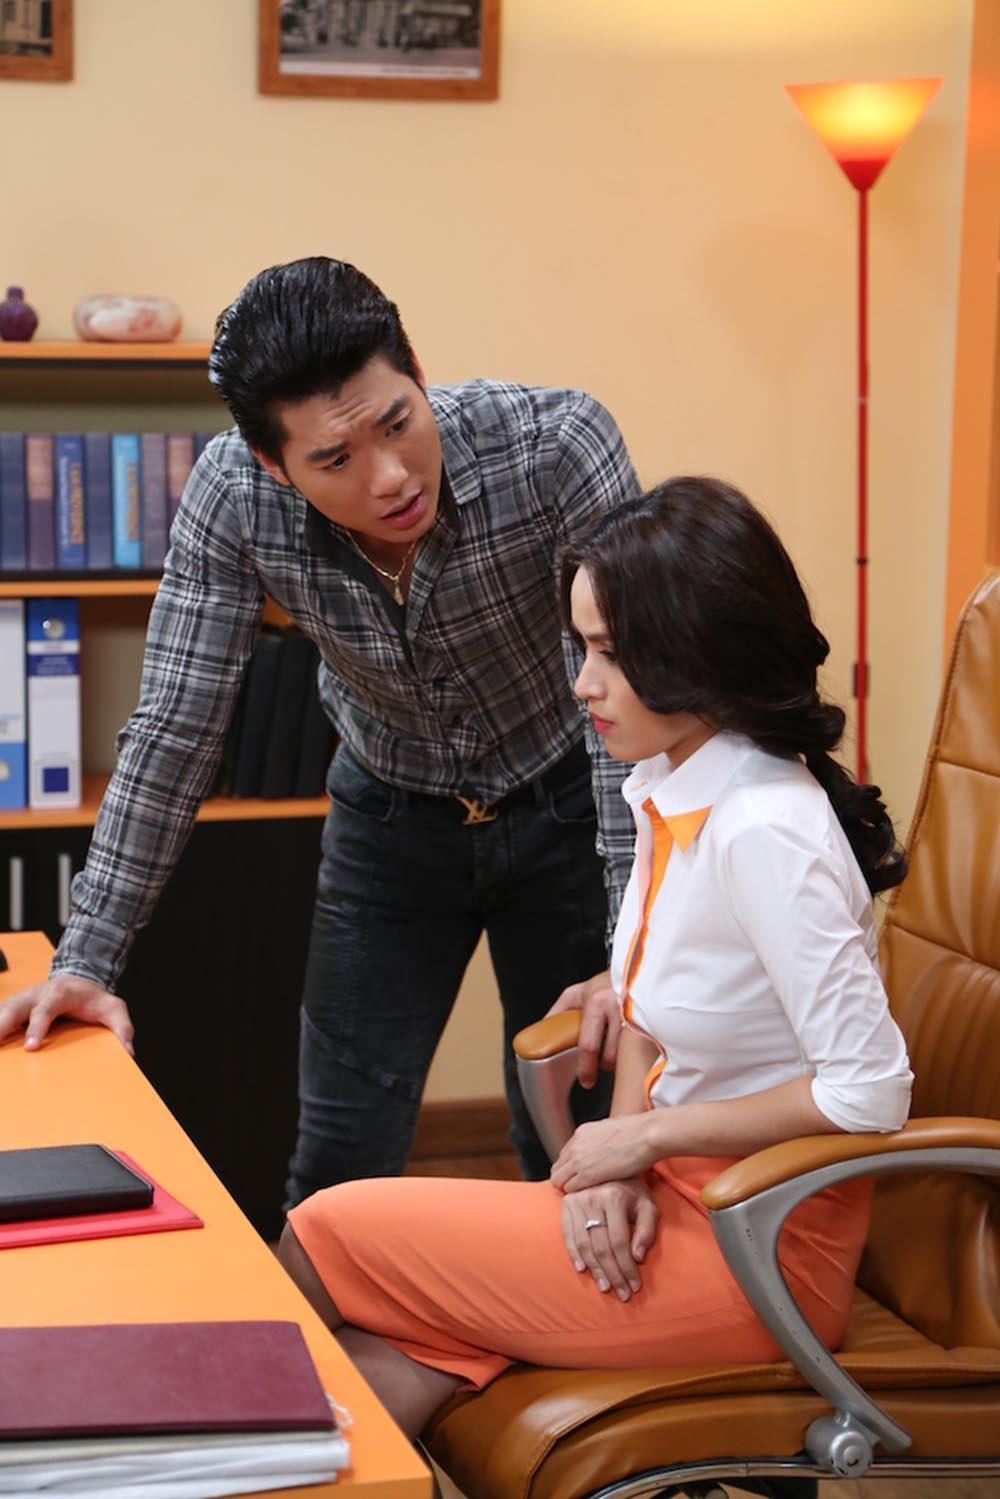 Trong hành trình đổi đời, Tài sẽ có cuộc gặp gỡ đầy trớ trêu với nhân vật Dũng do diễn viên, người mẫu Trương Nam Thành thủ vai.